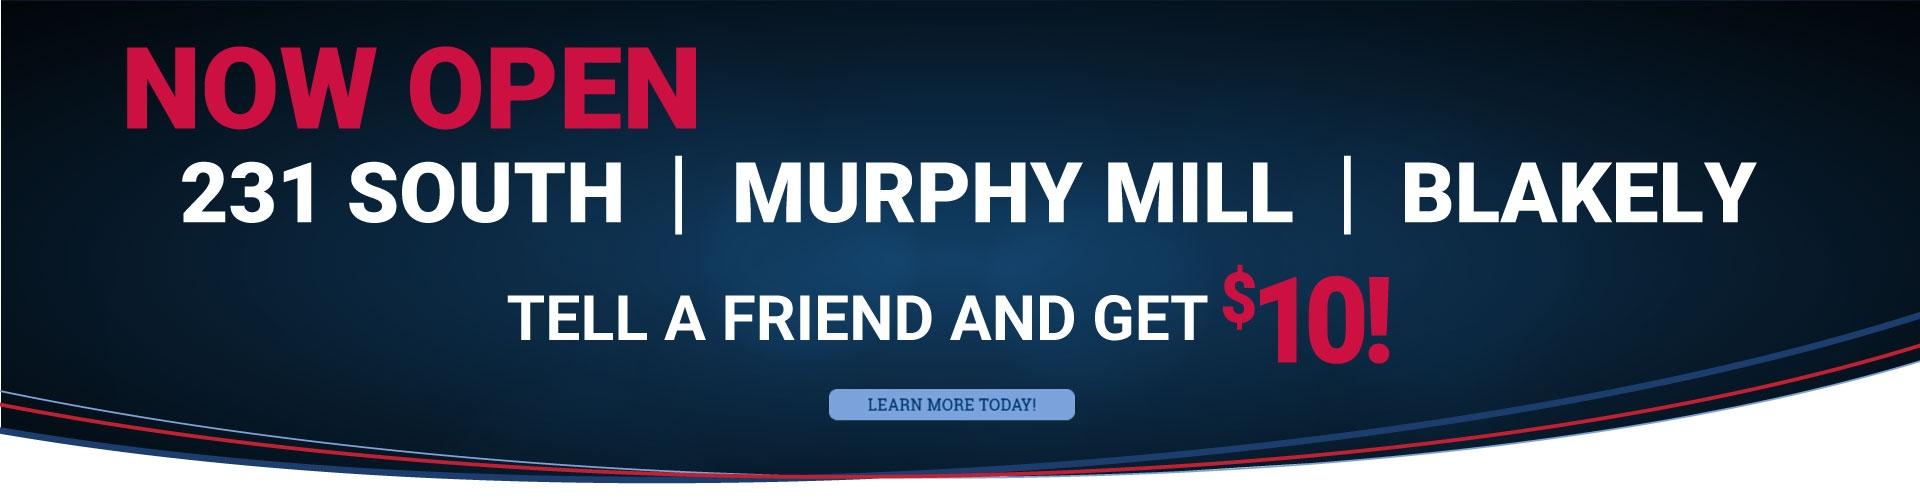 NowOpen231South_MurphyMill_Blakely